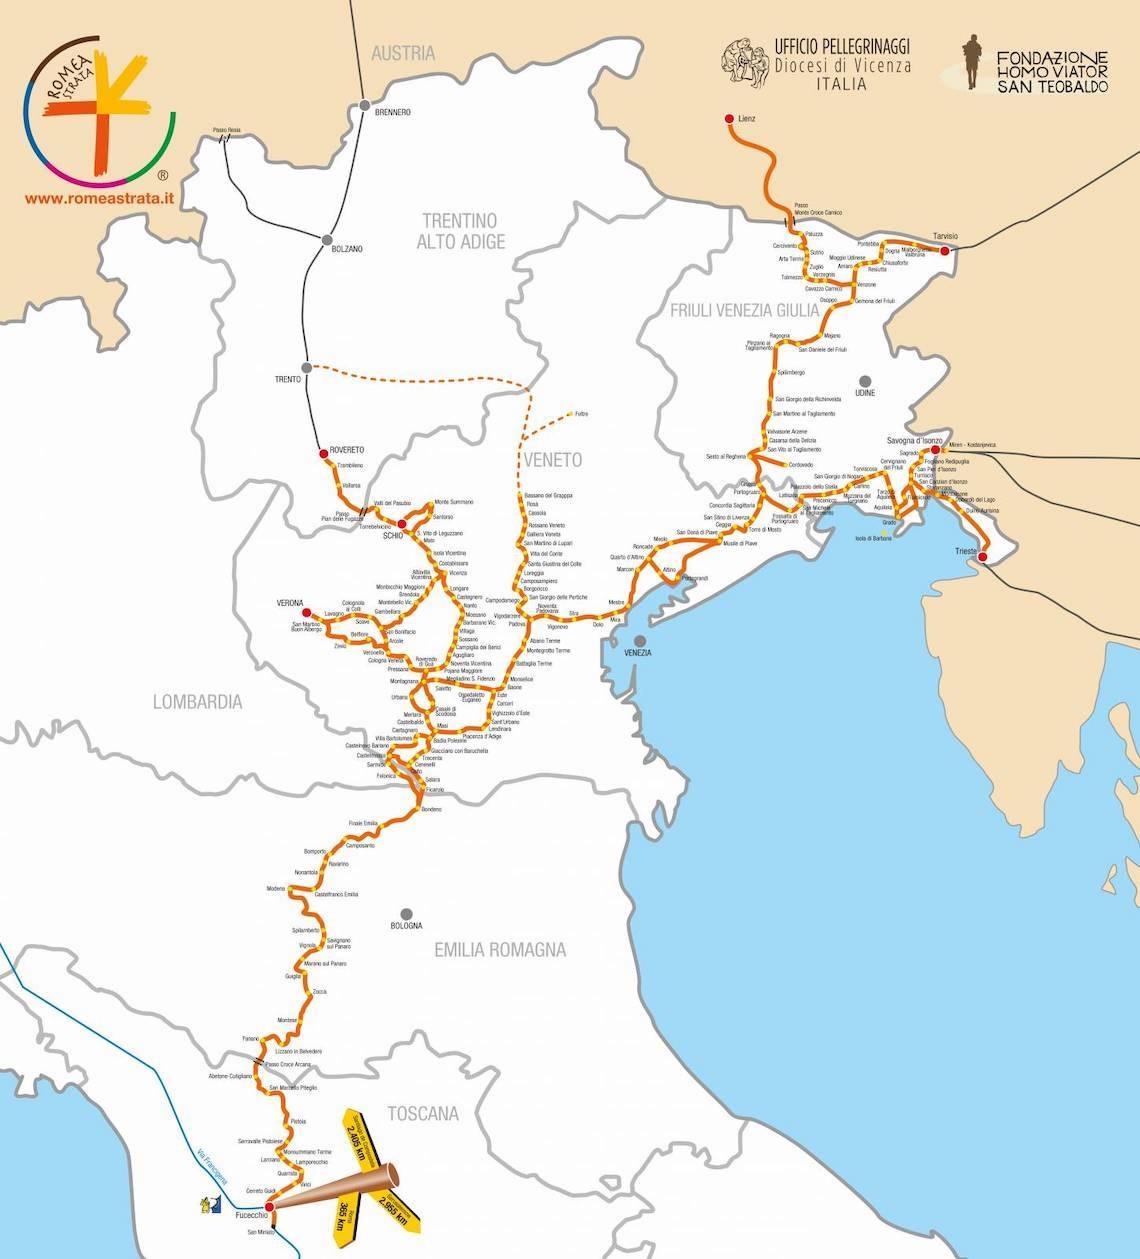 La Via Romea Strata in bicicletta_urbancycling_it_5